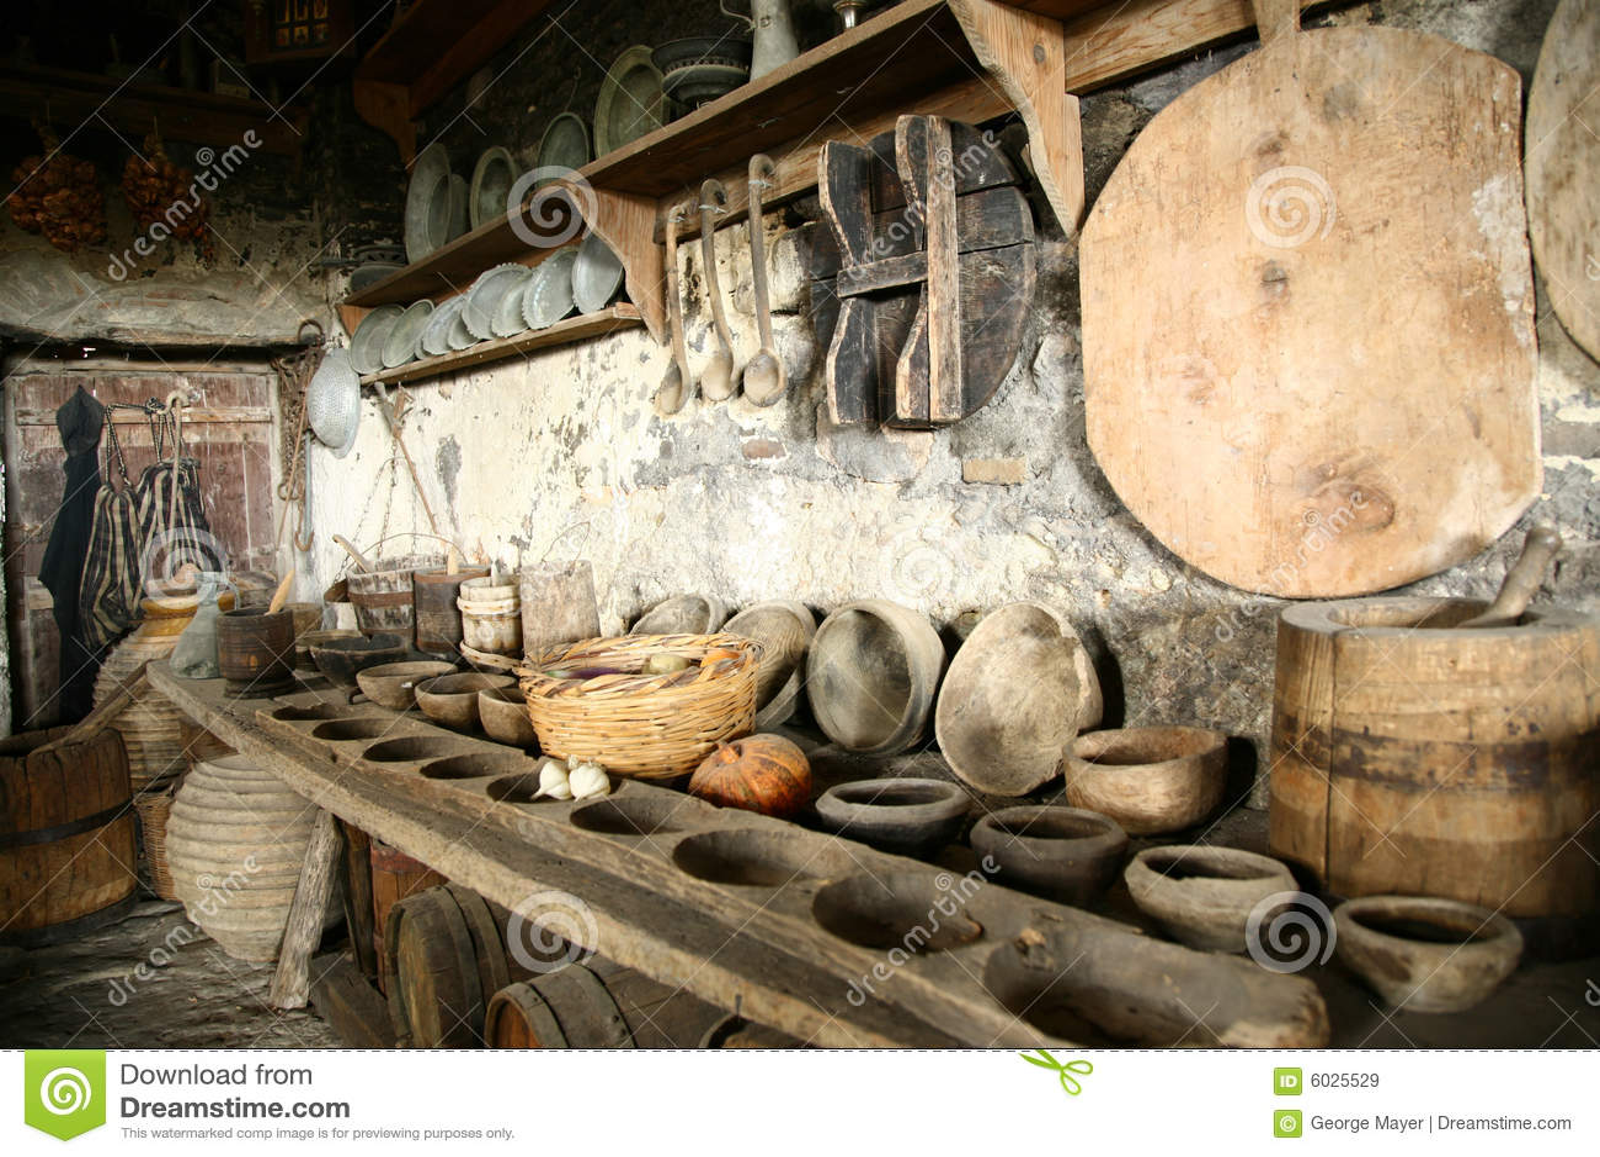 Vaisselle ancienne dans la vieille cuisine images libres - Cuisine ancienne photo ...